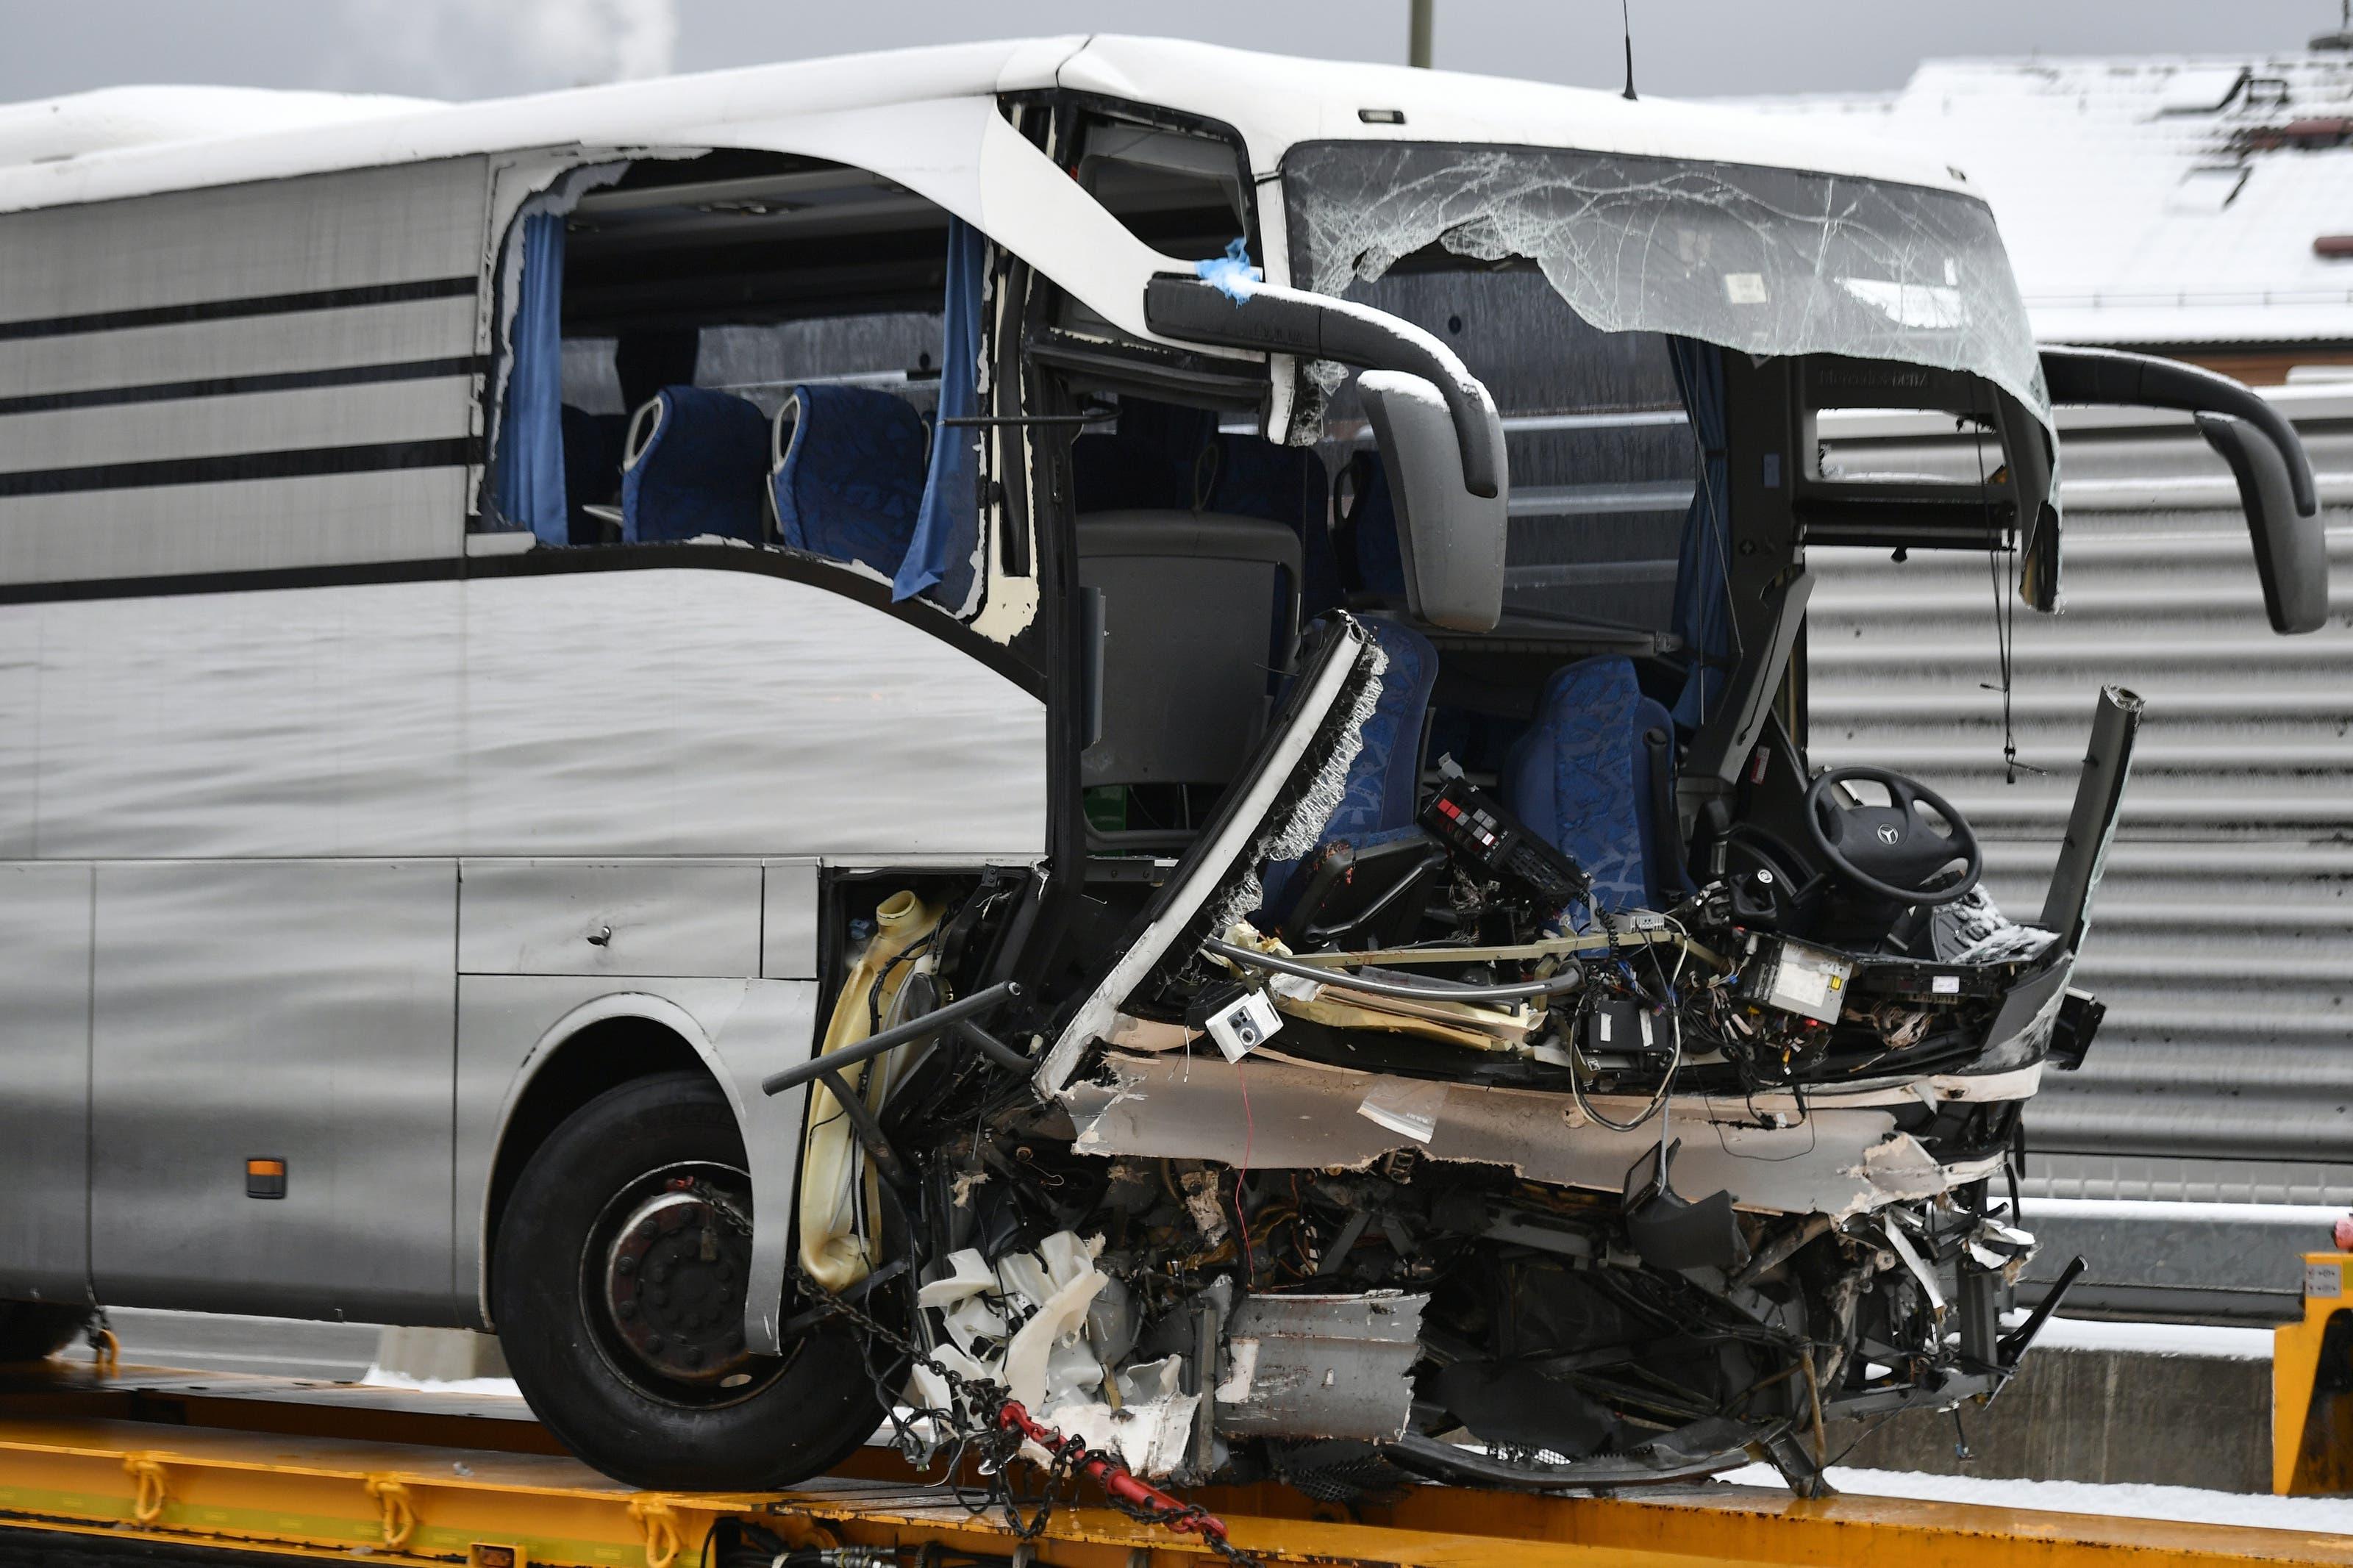 Dieser Reisecar verunfallte auf der Autobahn A3 in Zürich.